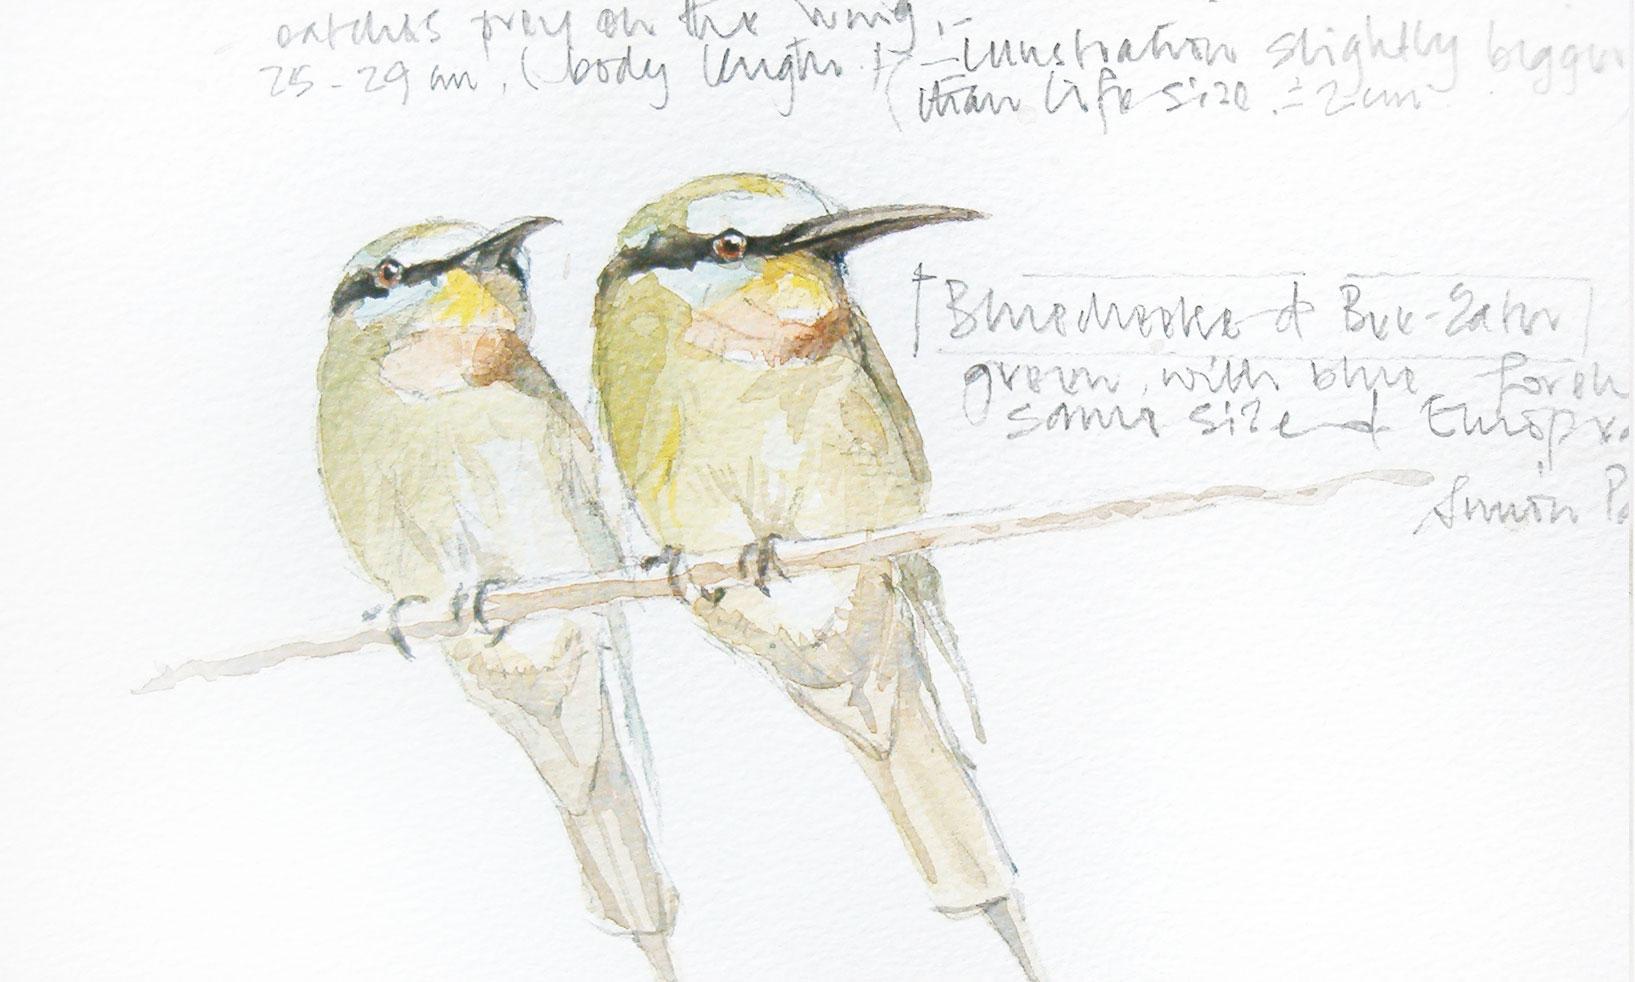 Blue Cheek Bee Eaters